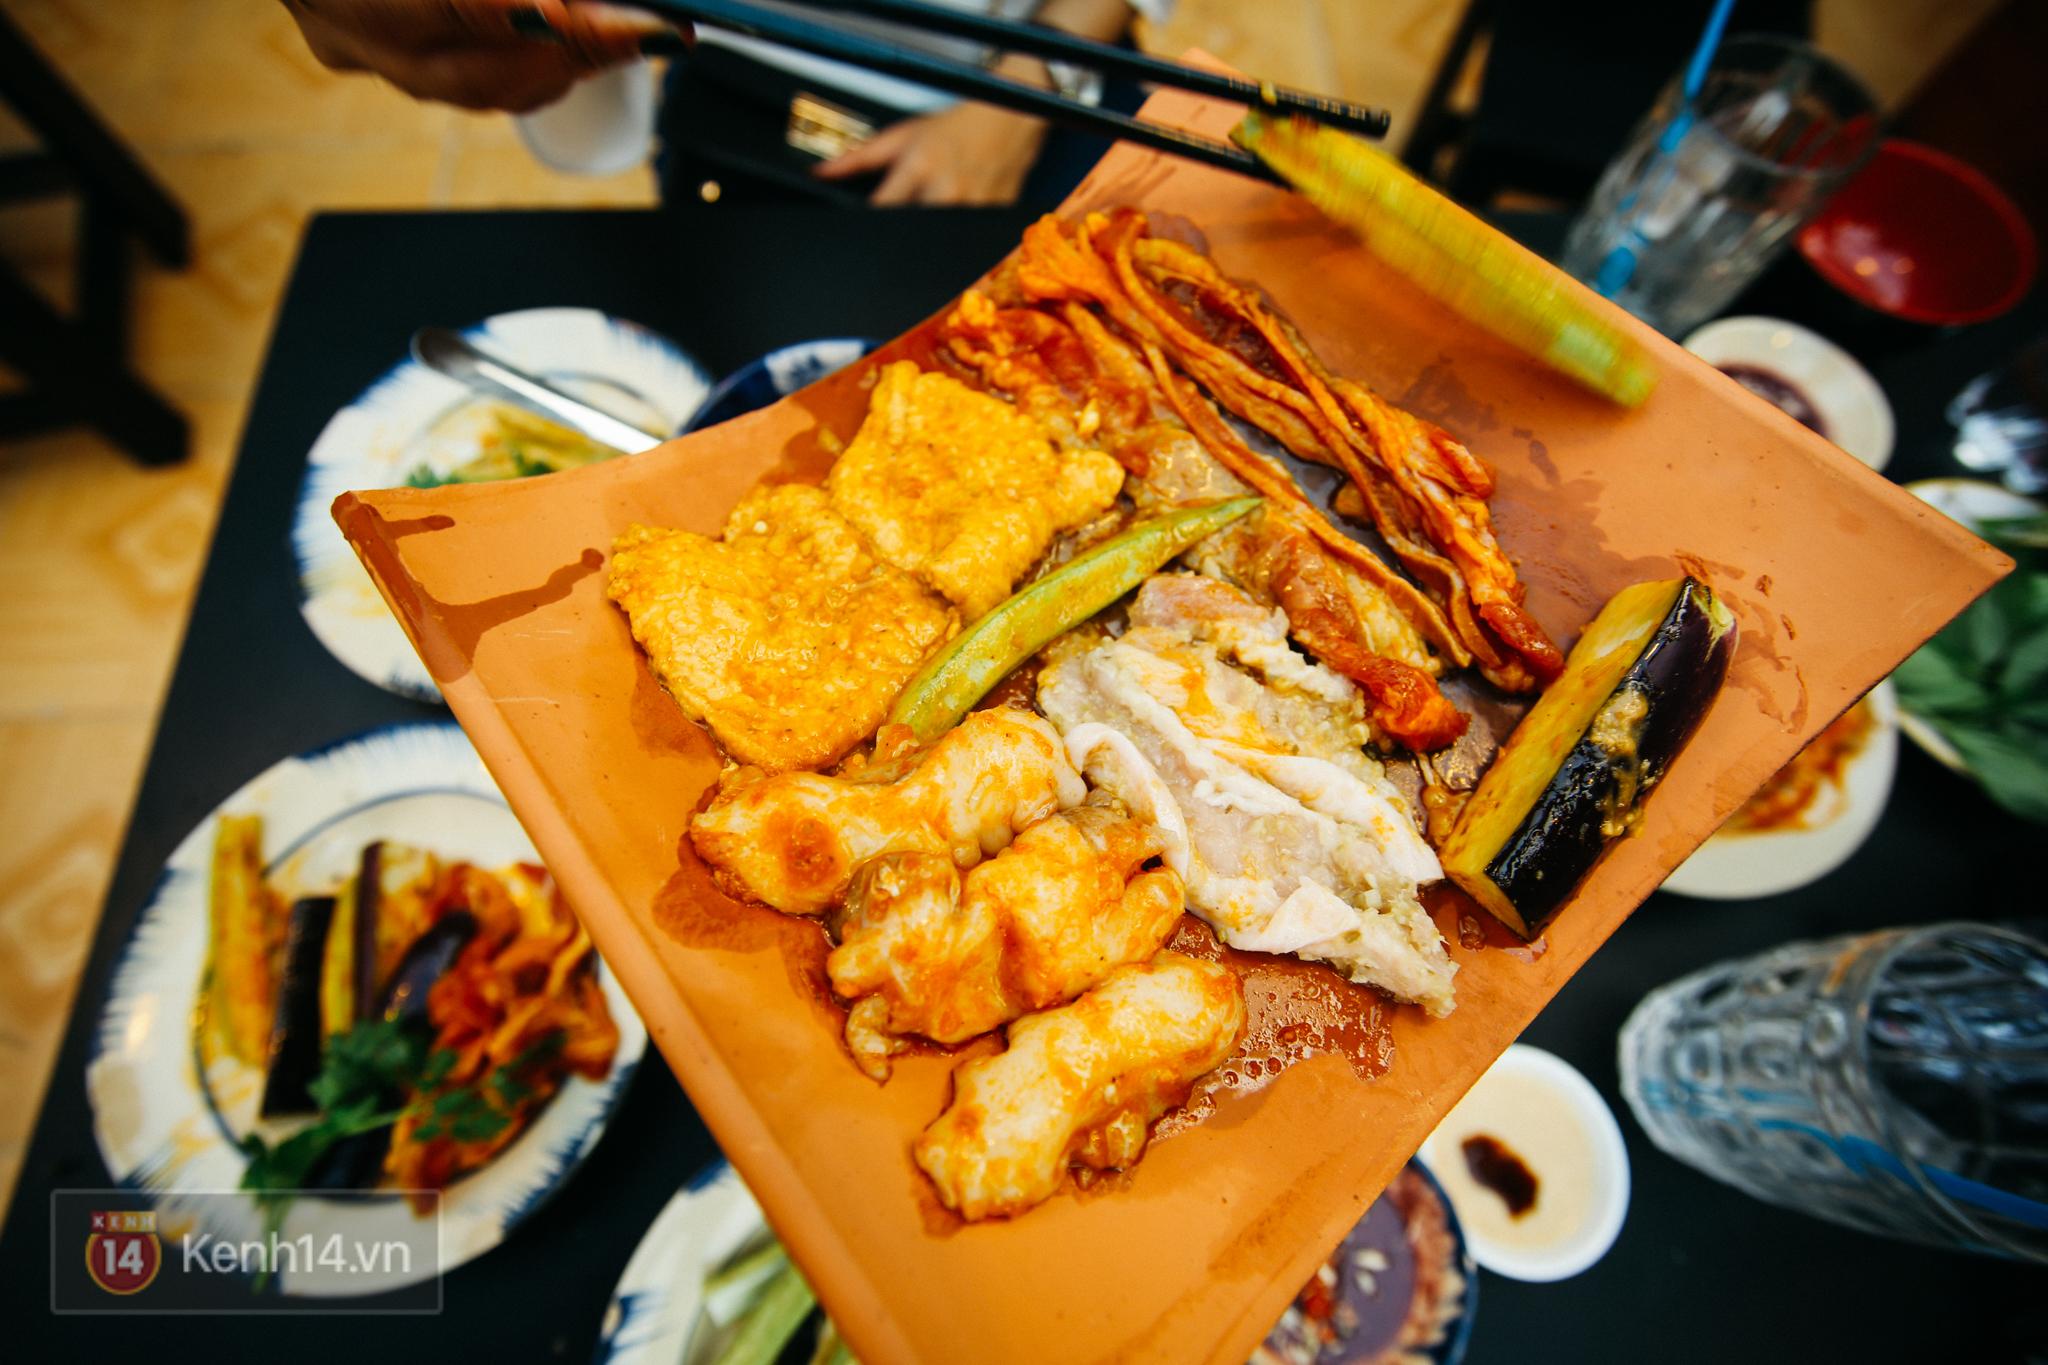 Bạn sẽ phải chảy nước miếng với 3 quán nướng siêu lạ này ở Sài Gòn - Ảnh 20.